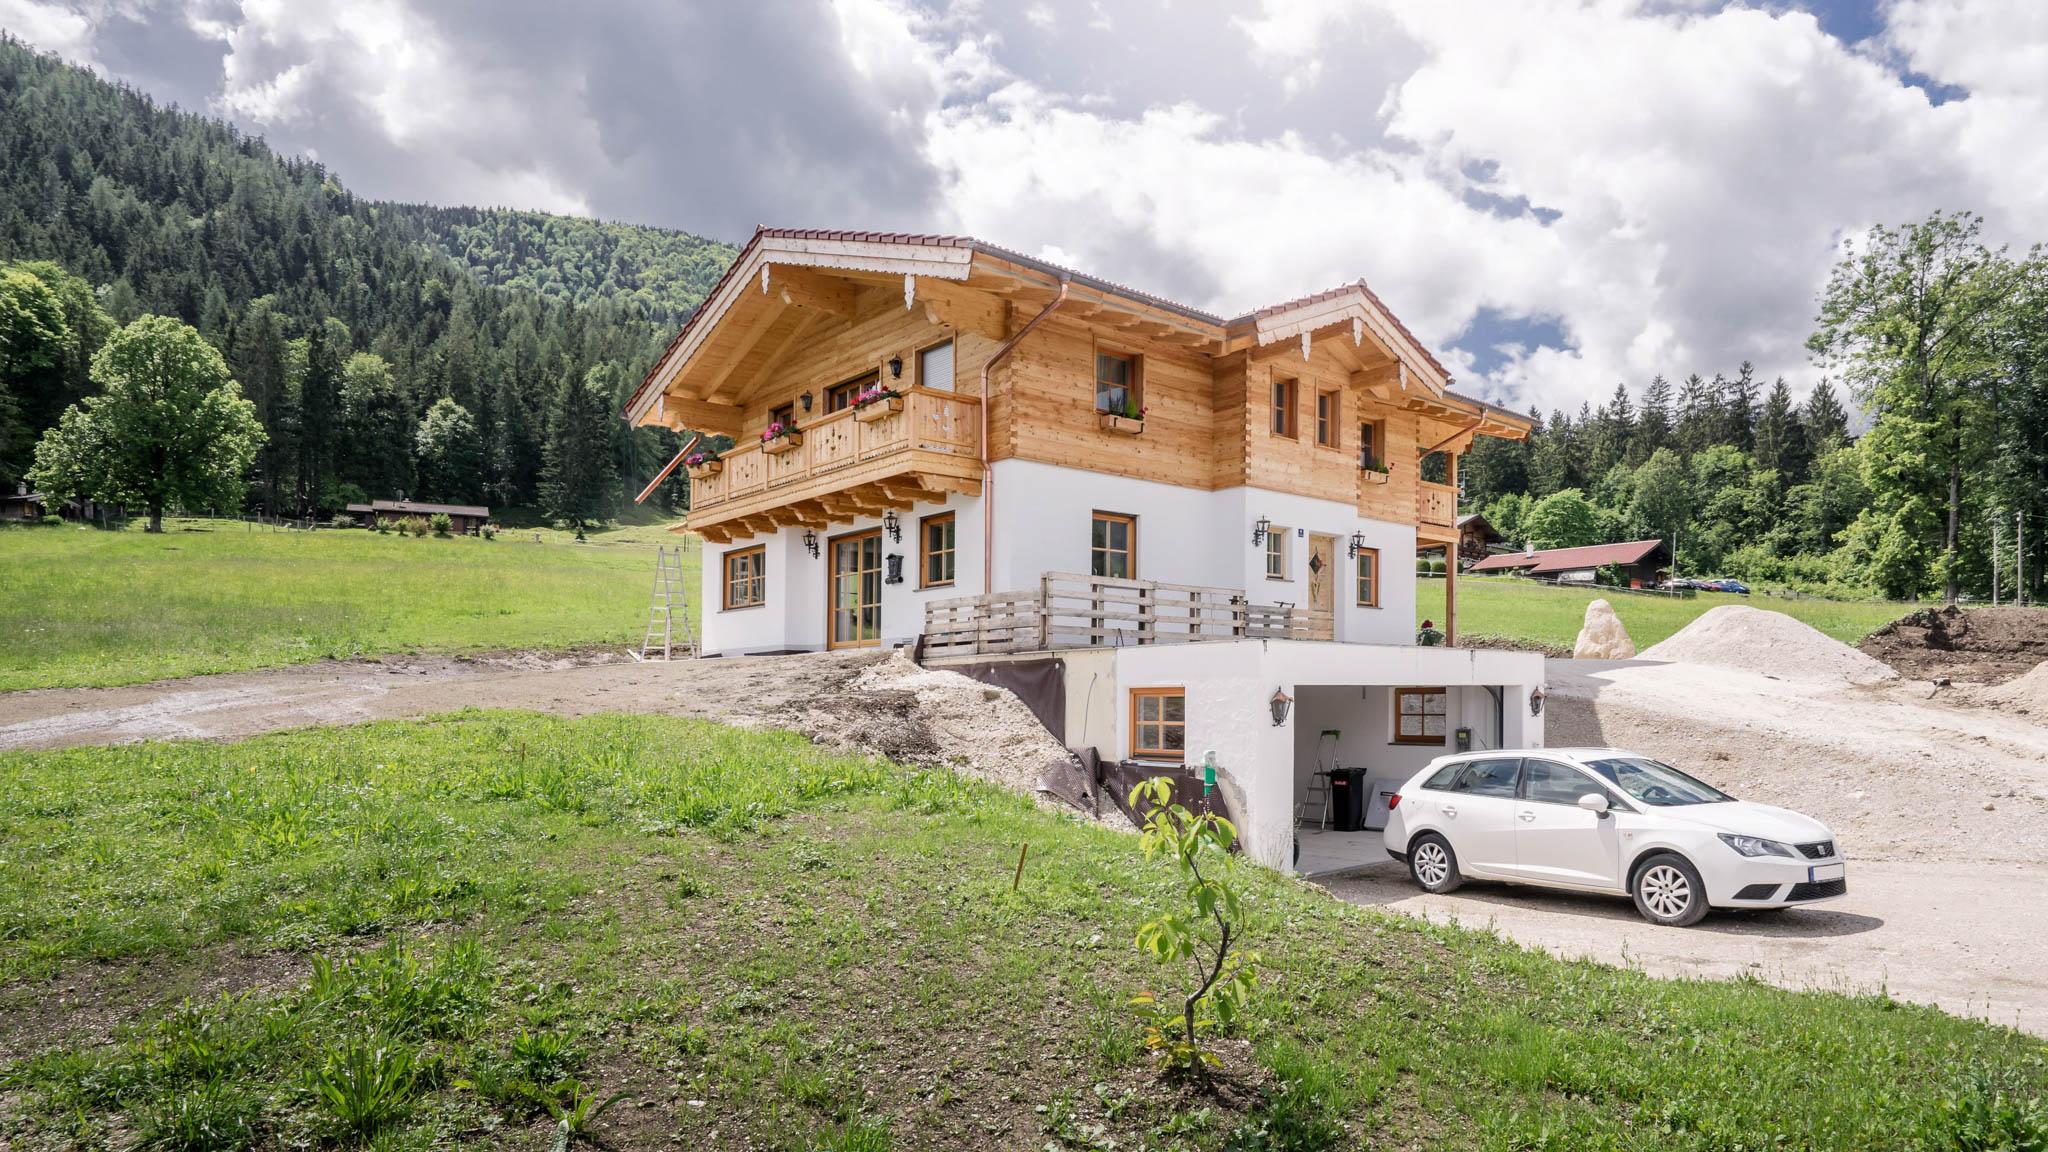 portfolio-bauunternehmen-fuch-einfamilienhaus-schönau-am-königssee-3.jpg